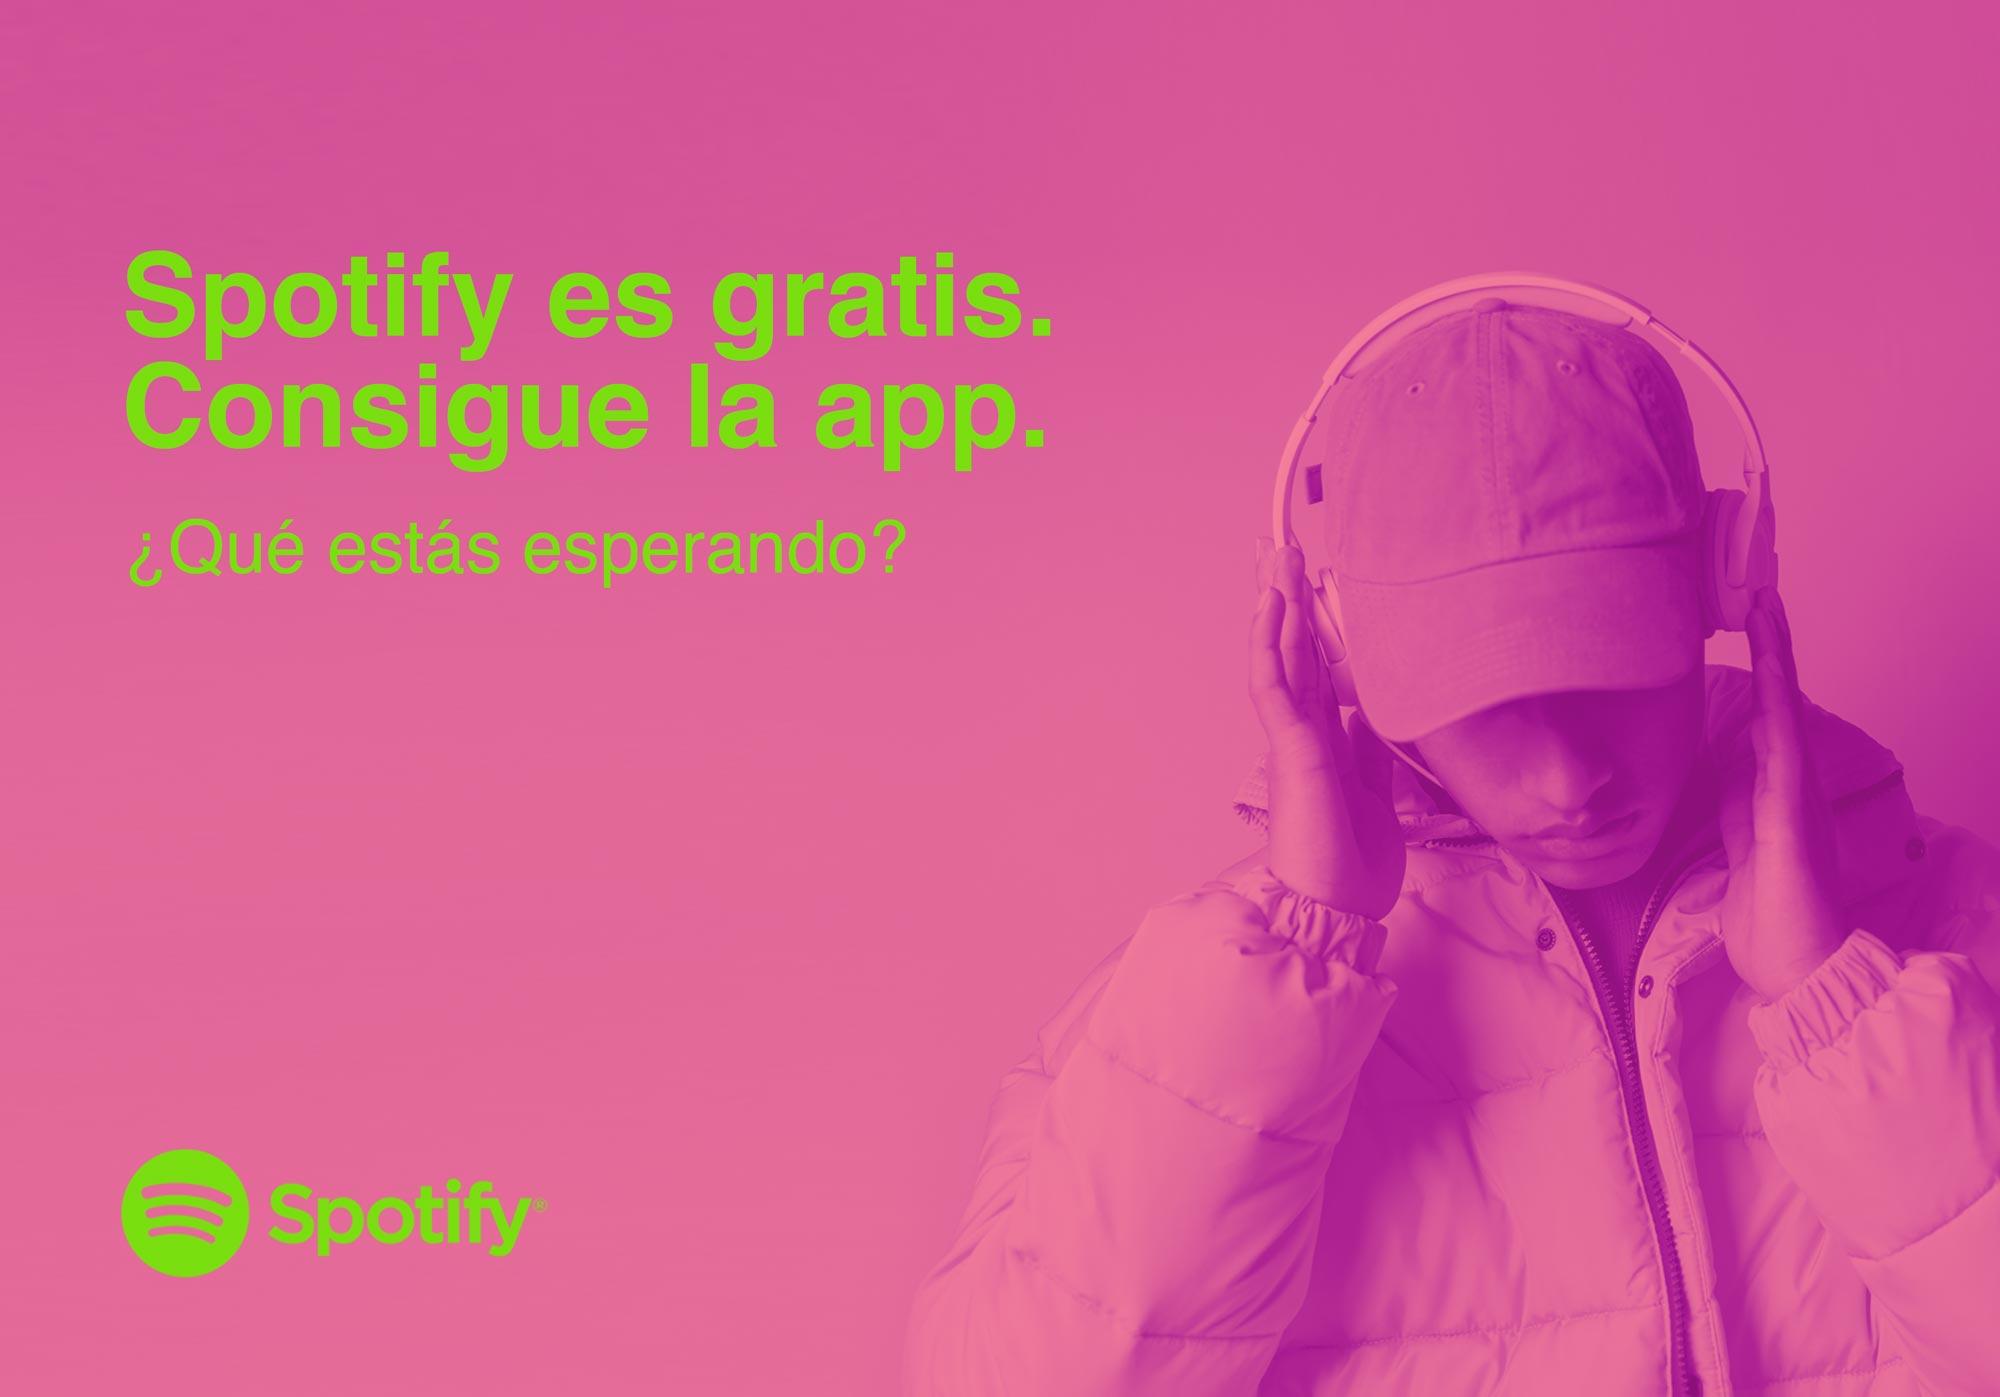 spotify_app_gratis_descarga_promo_leandro_crespi.jpg